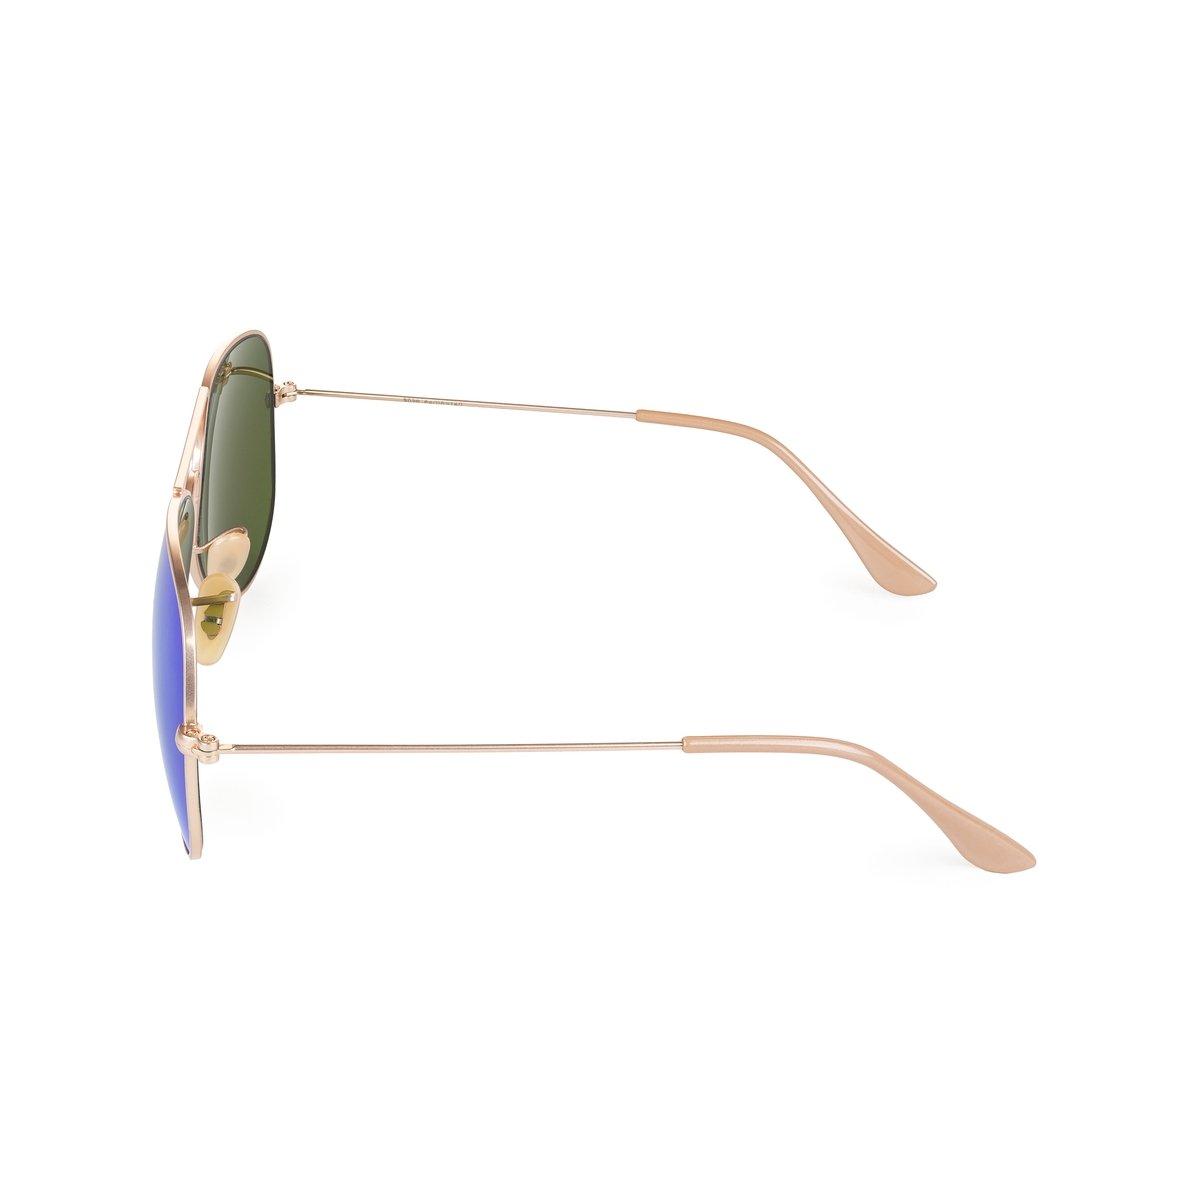 e1670441705b1 Óculos Marielas Aviador  Óculos Marielas Aviador  Óculos Marielas Aviador